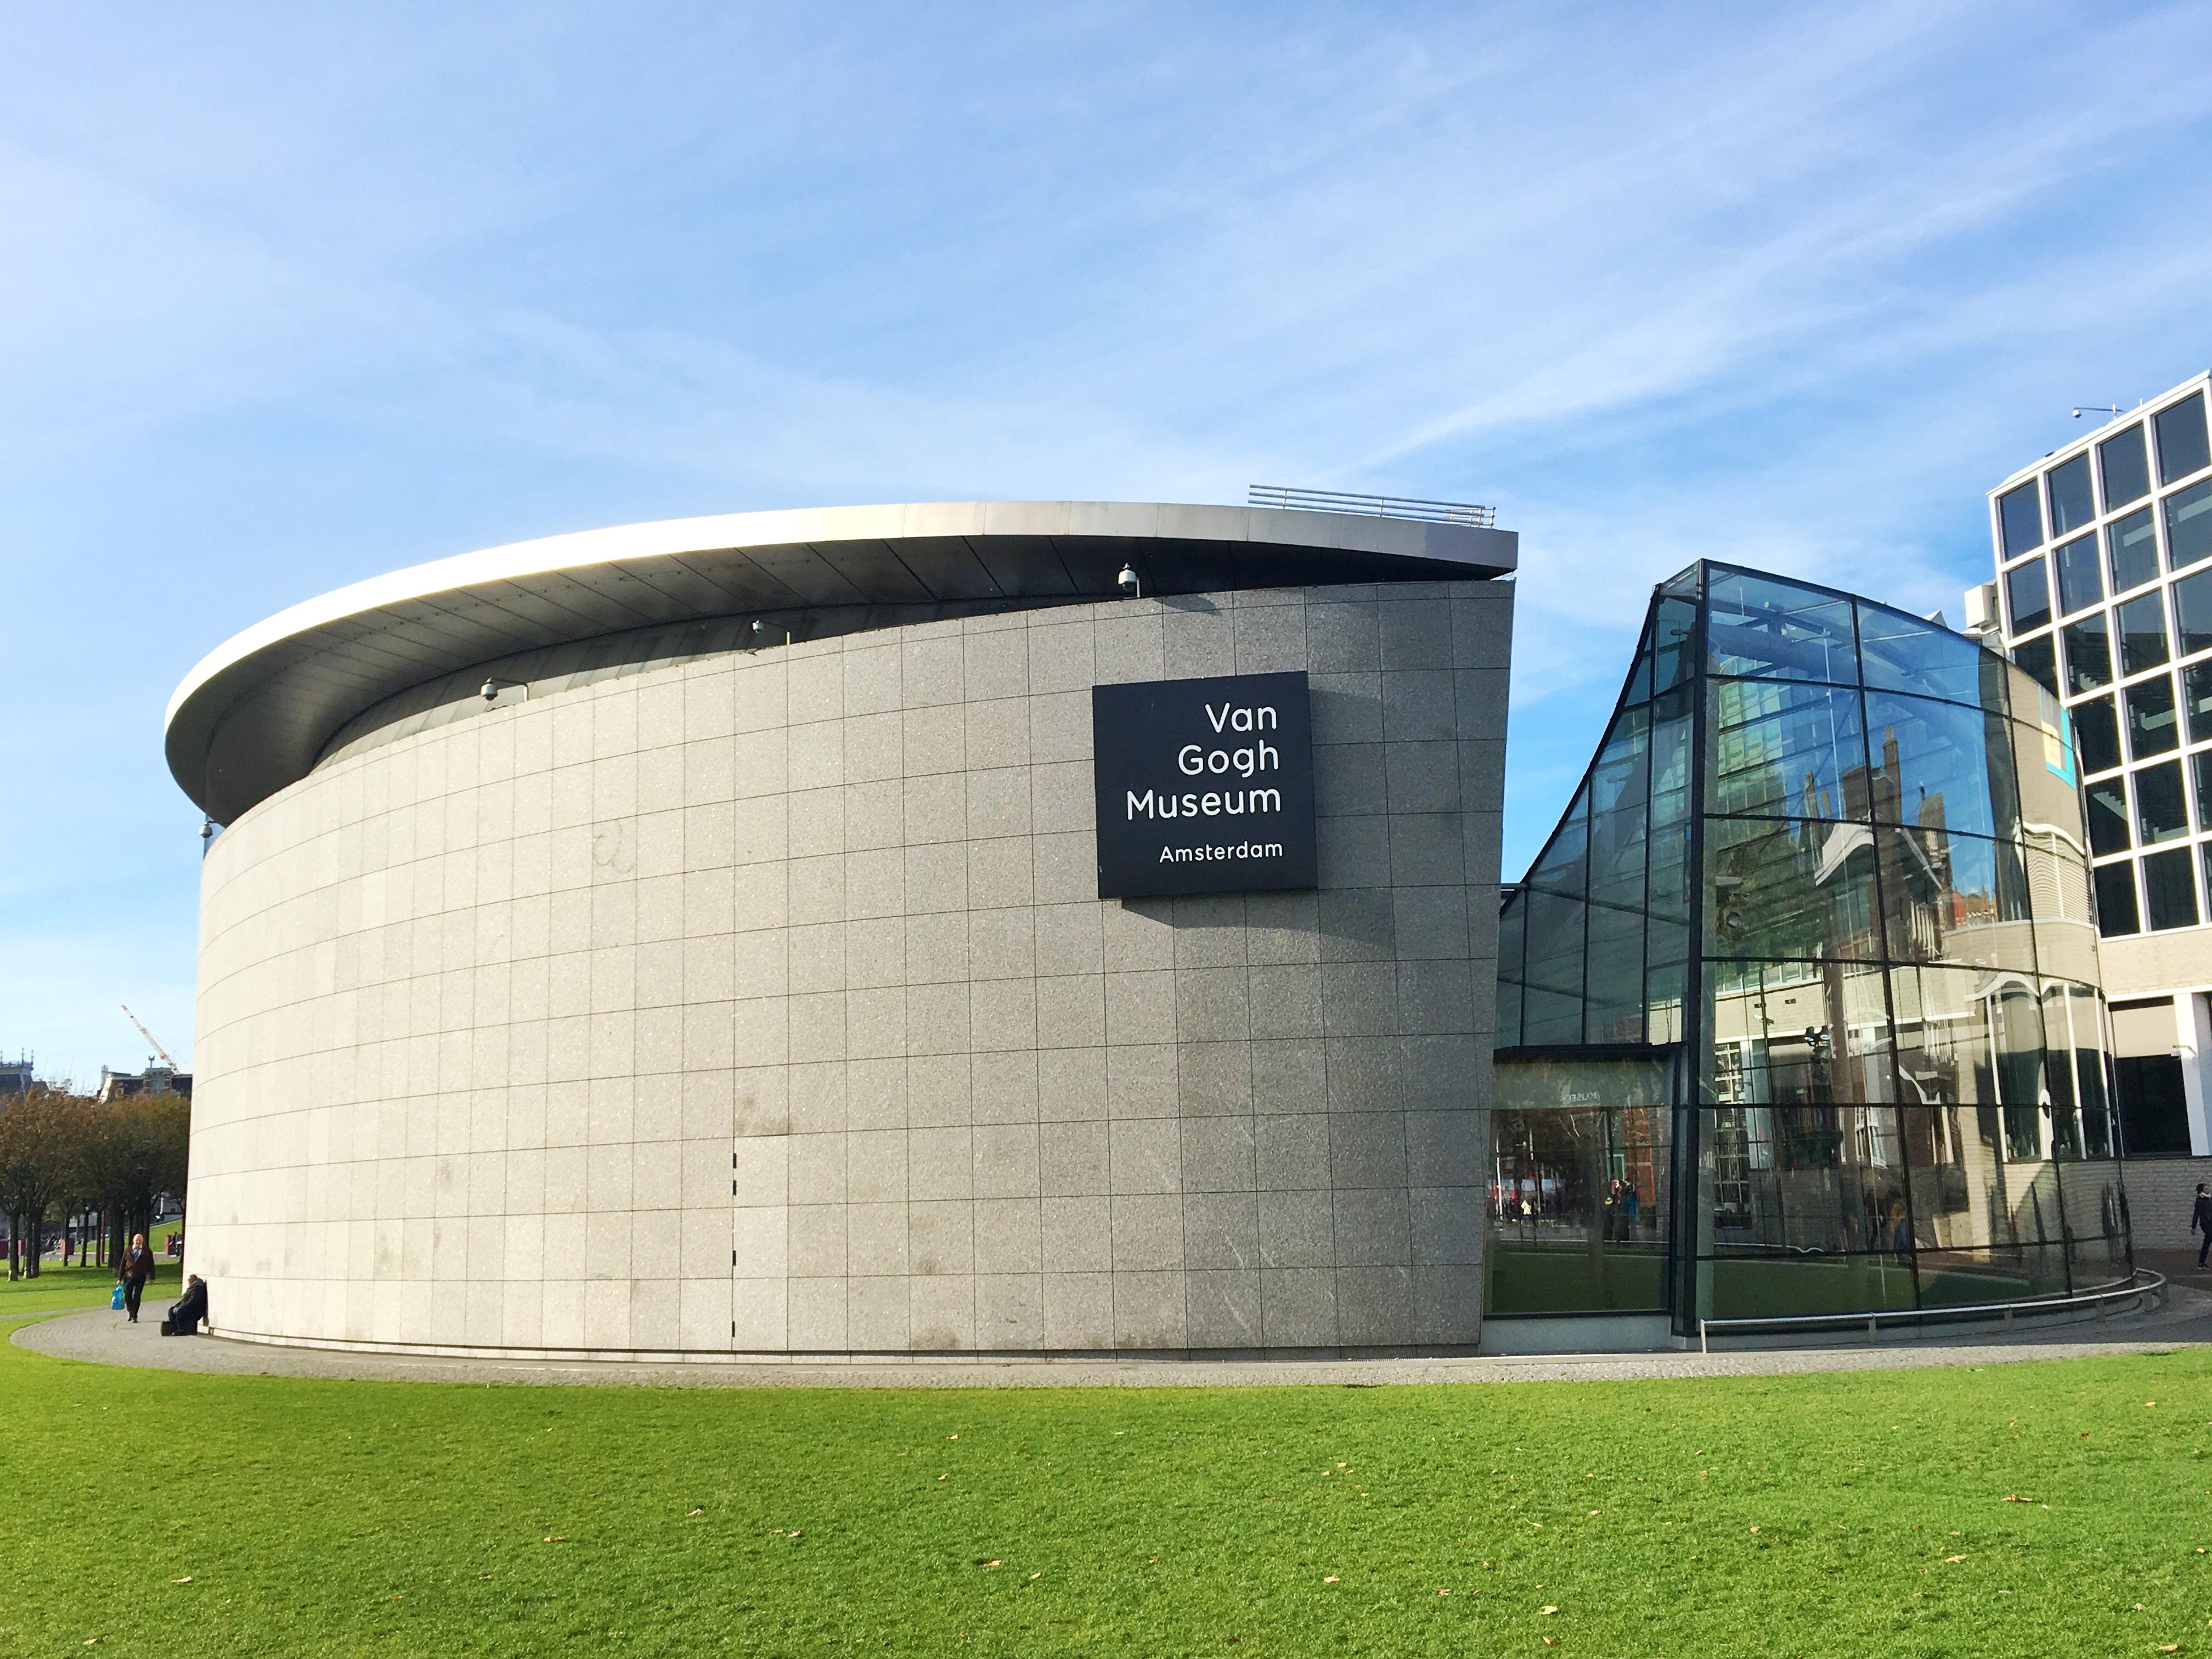 Ingresso del museo di Van Gogh_acquisto biglietto di ingresso